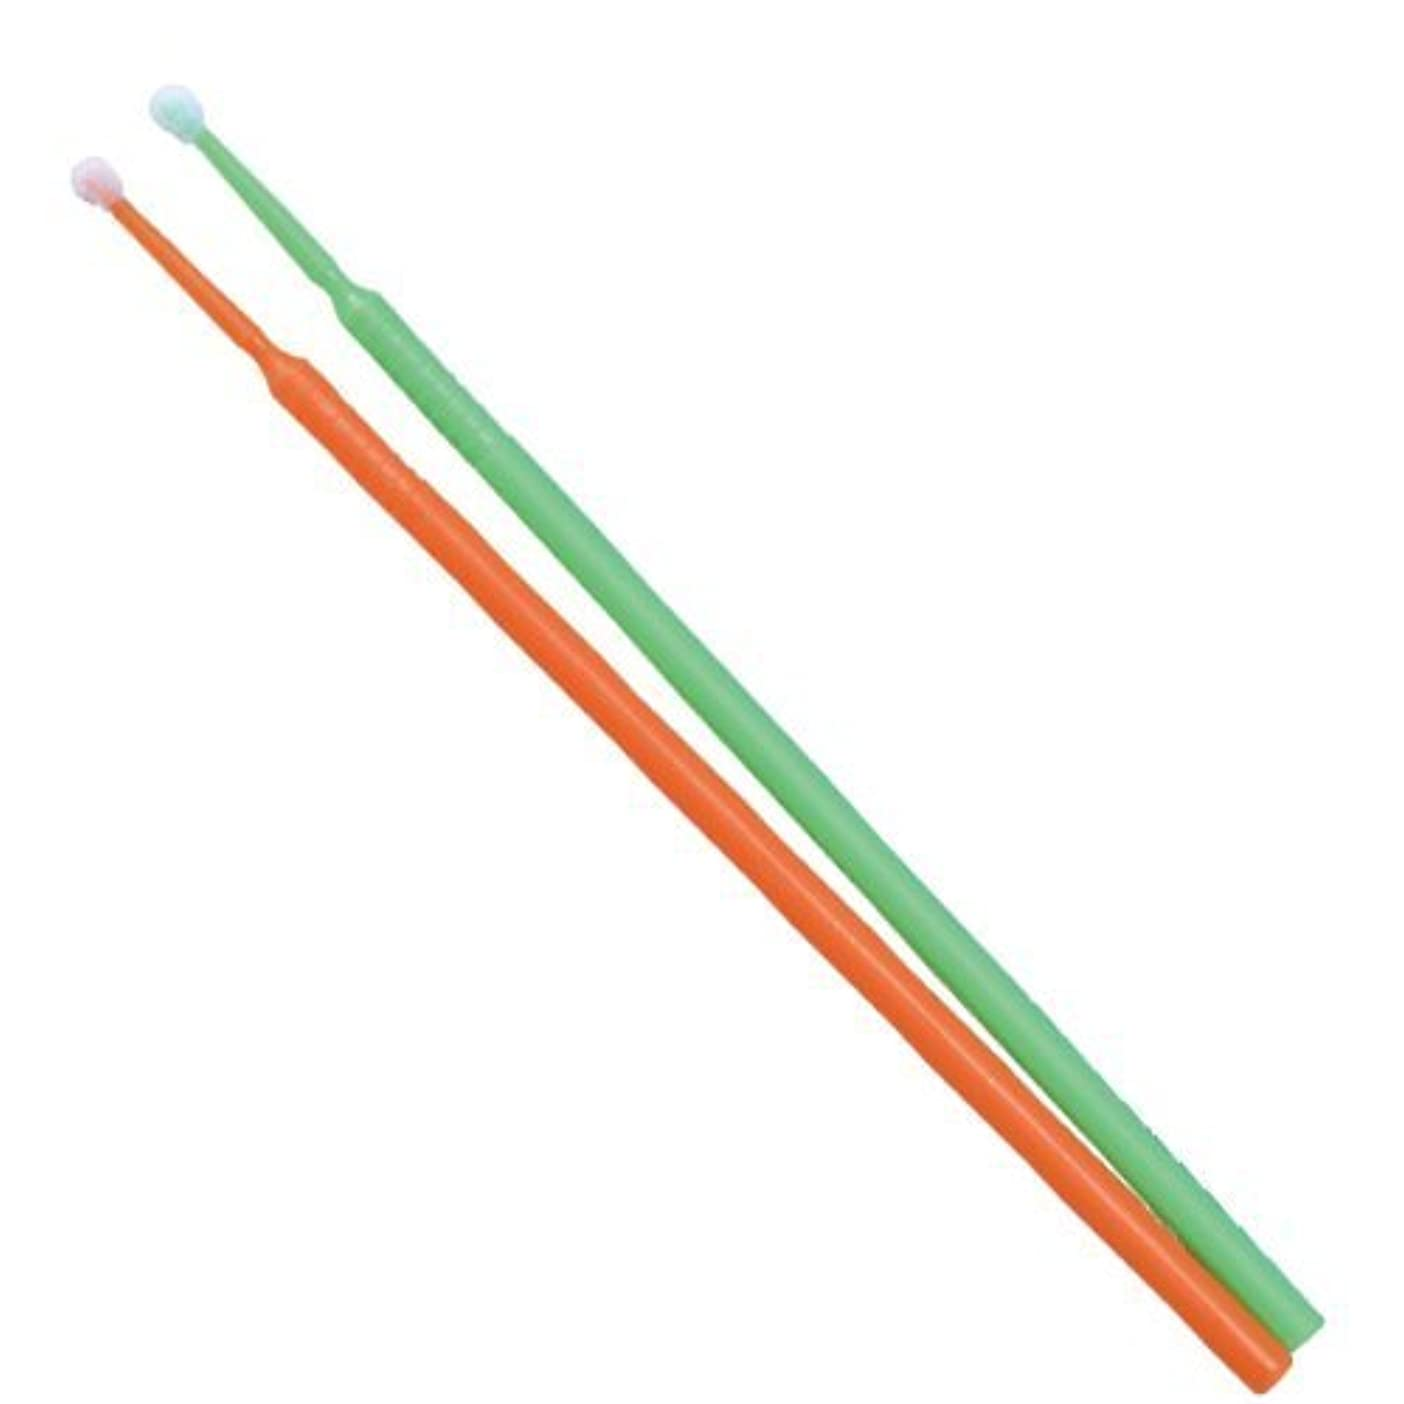 マナー素朴な屈辱するTPCアプリケーターブラシ(マイクロブラシ)レギュラーφ2.0mm 100本入り(カラー:グリーンorオレンジ)